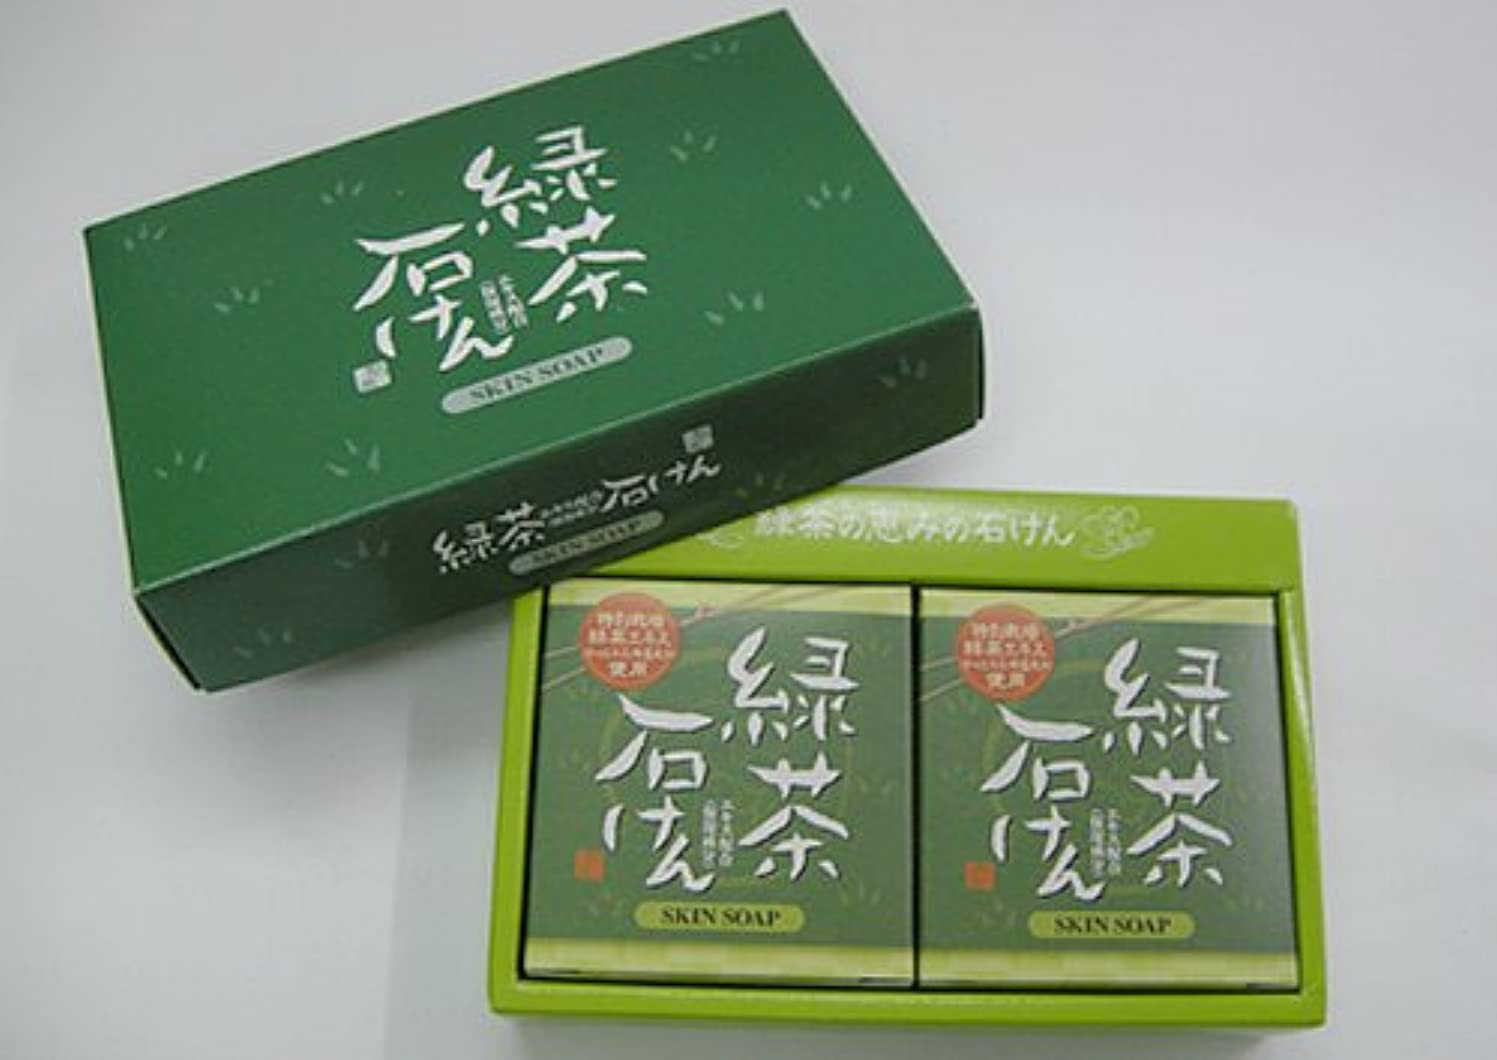 スクラップヒープ排除する緑茶せっけん(緑茶エキス配合石けん)2ヶ入り